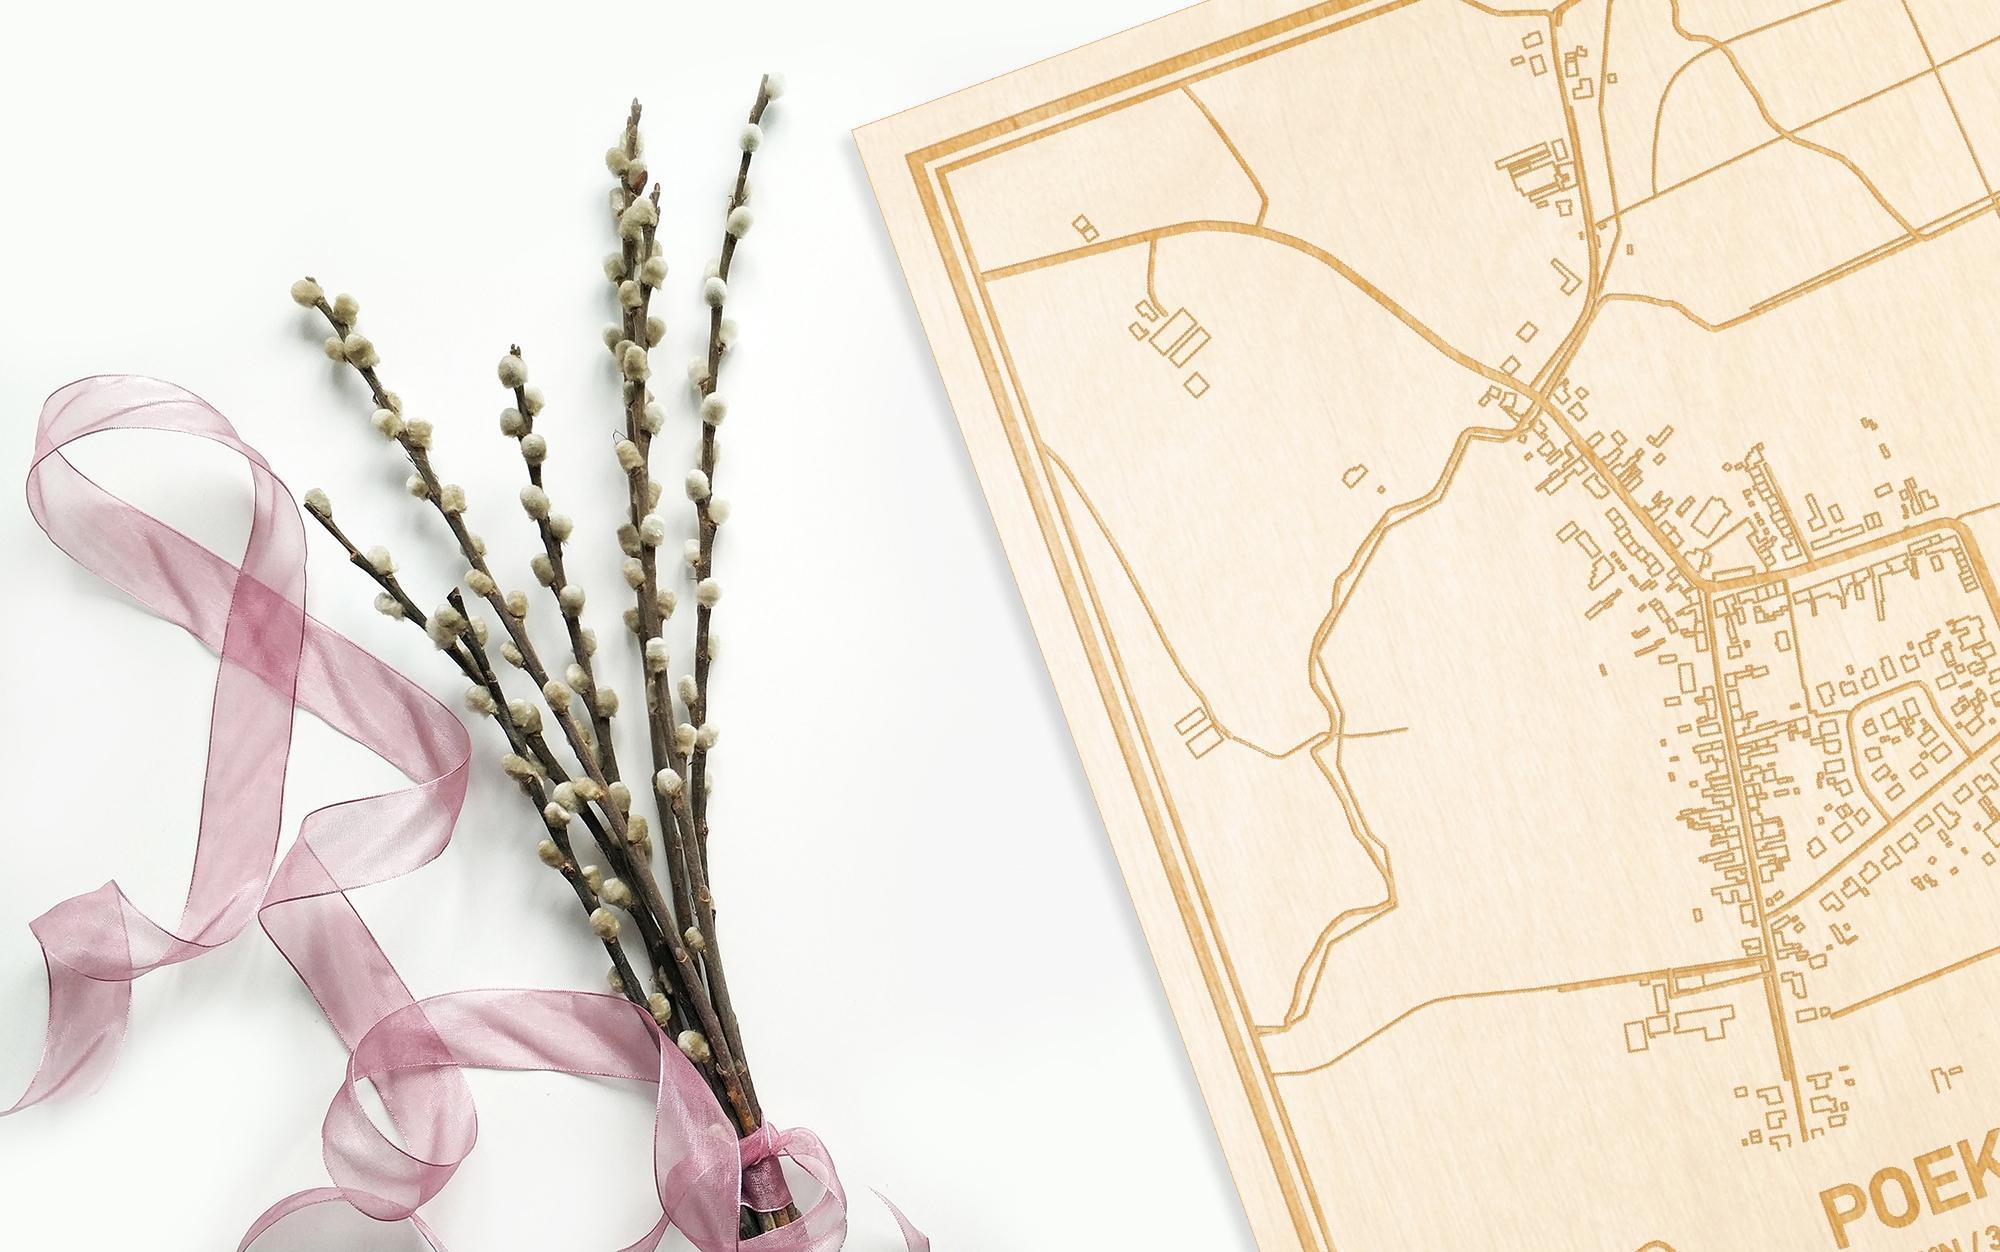 Hier ligt de houten plattegrond Poeke naast een bloemetje als gepersonaliseerd cadeau voor haar.